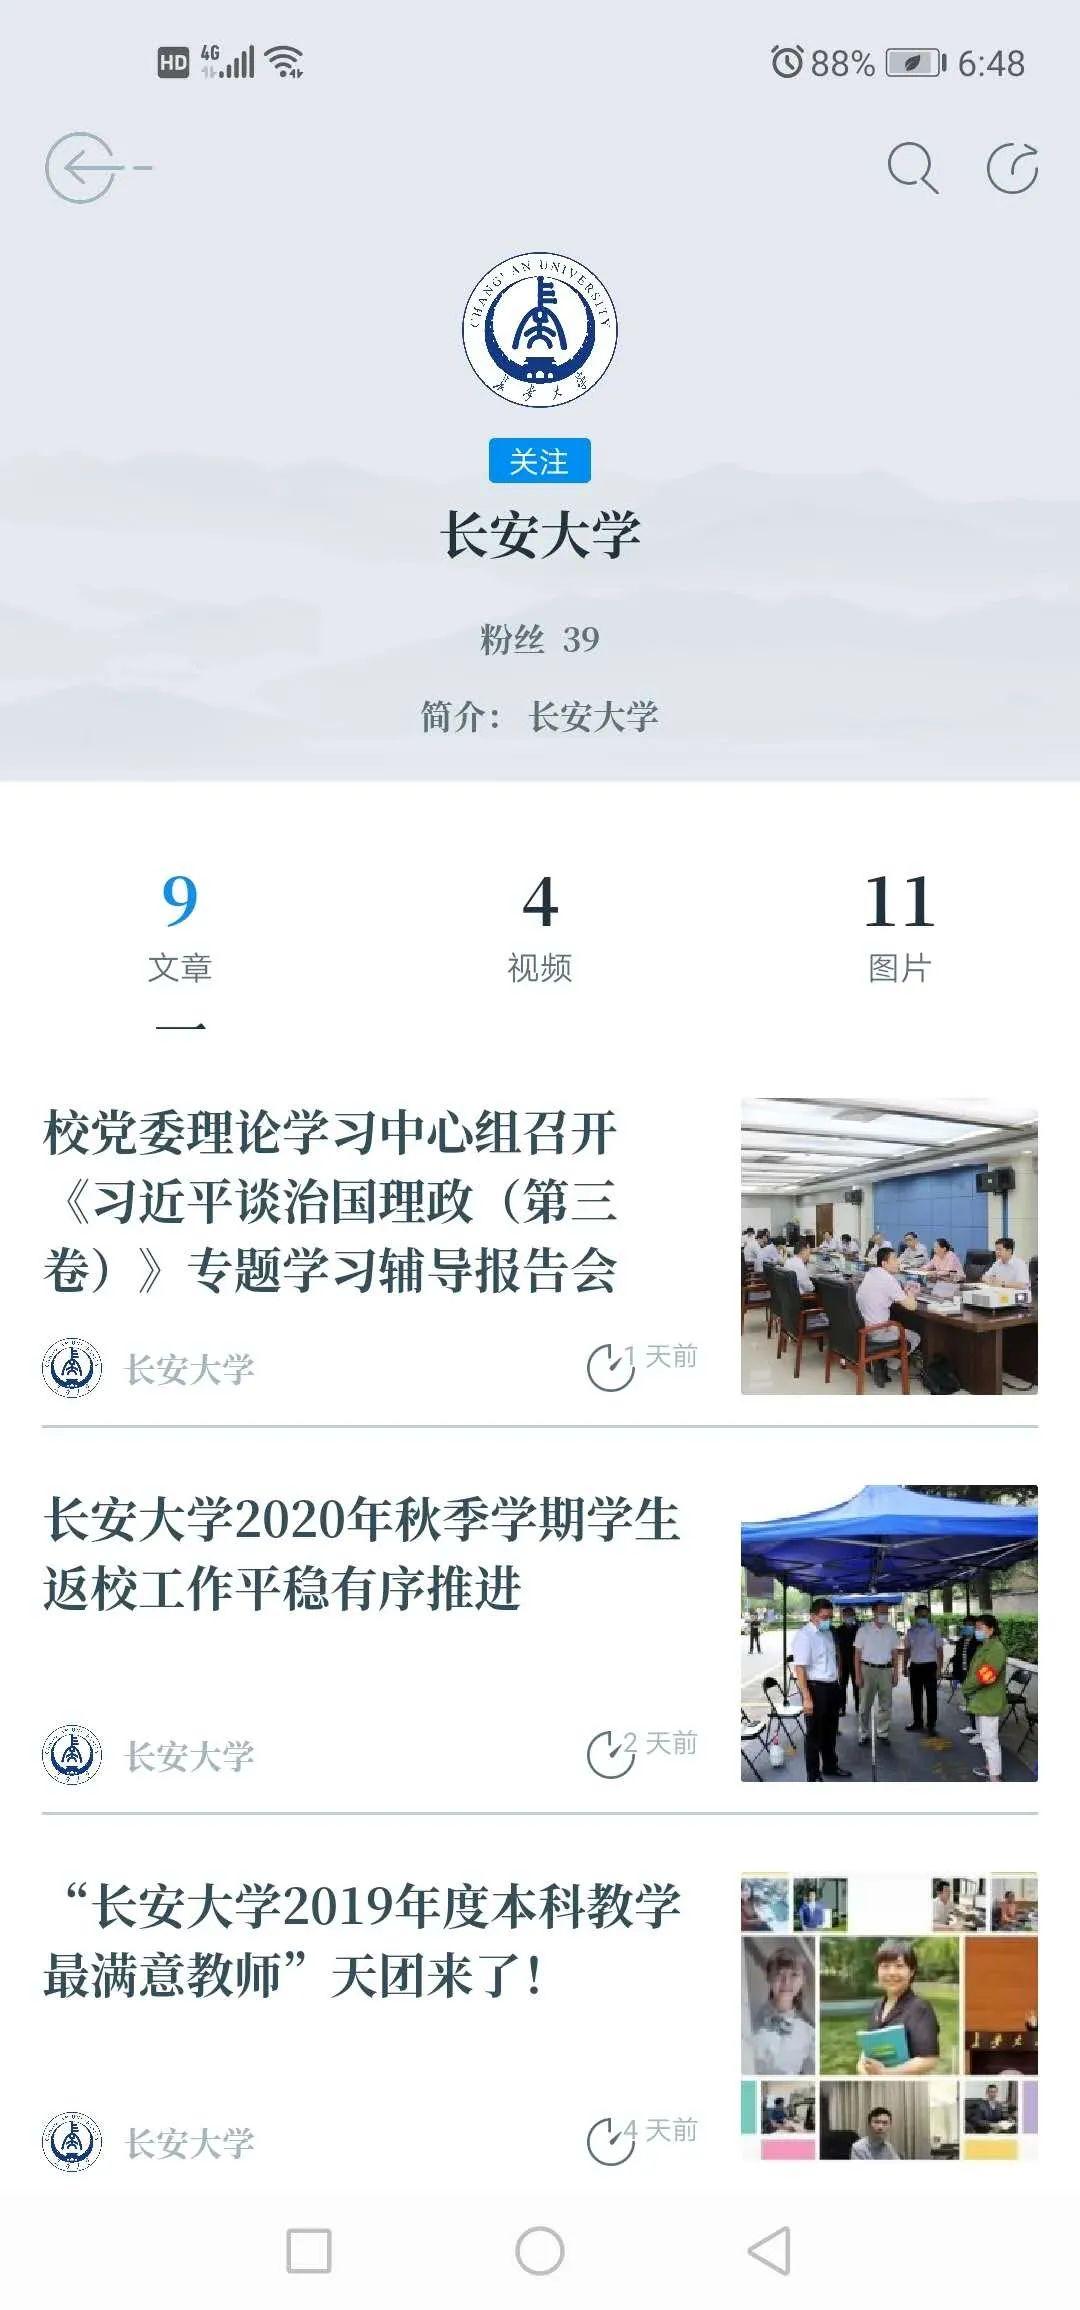 中国教育发布上线!长安大学首批入驻!赶快扫码下载吧~